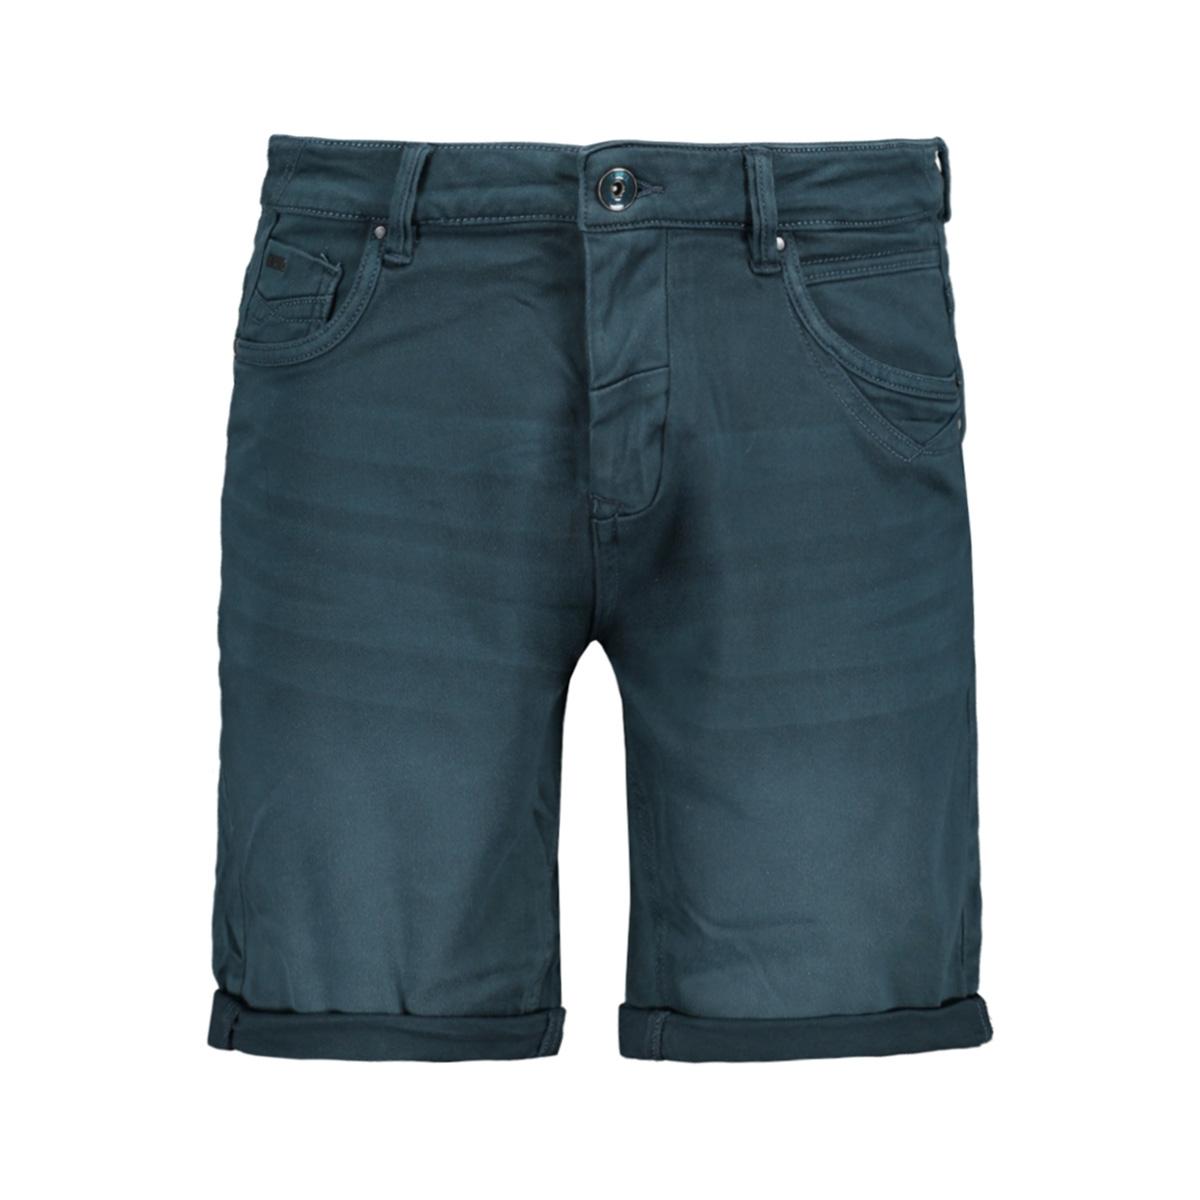 colored denim stretch short 958190384 no-excess korte broek 124 dark steel